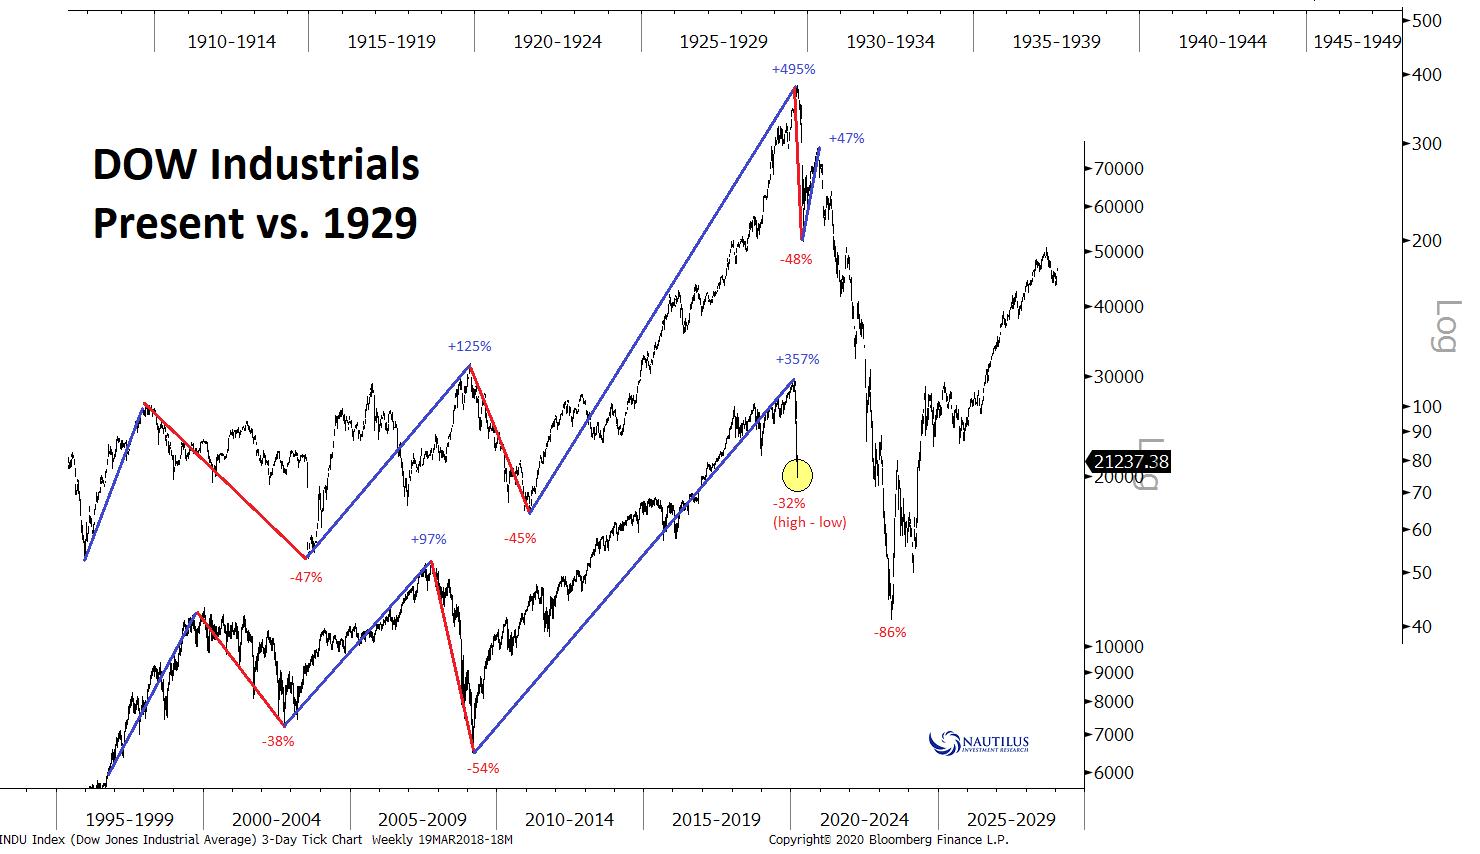 Dow Jones Industrial Average – Present vs. 1929 – ISABELNET